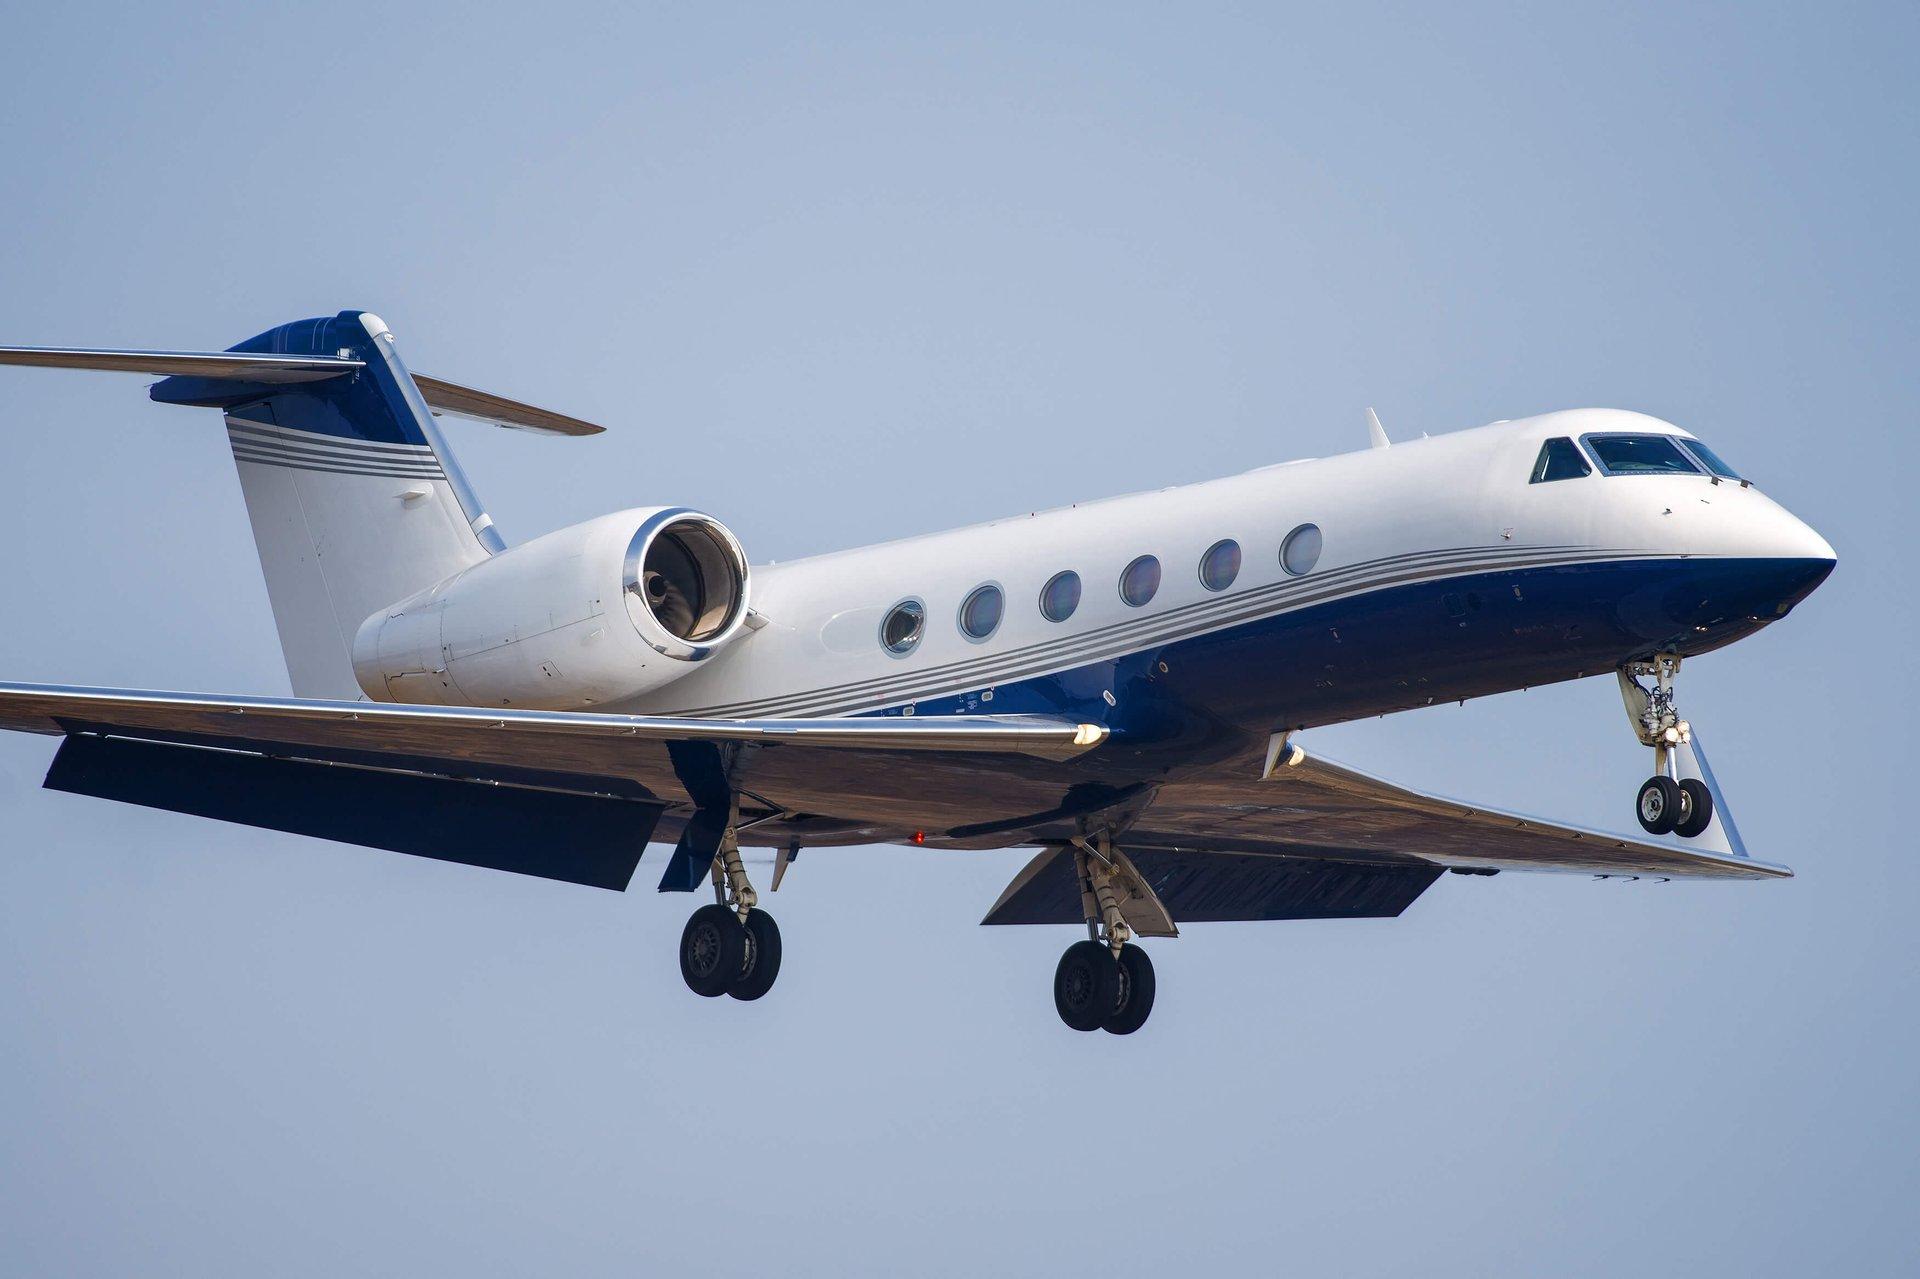 Gulfstream business jet on appraoch